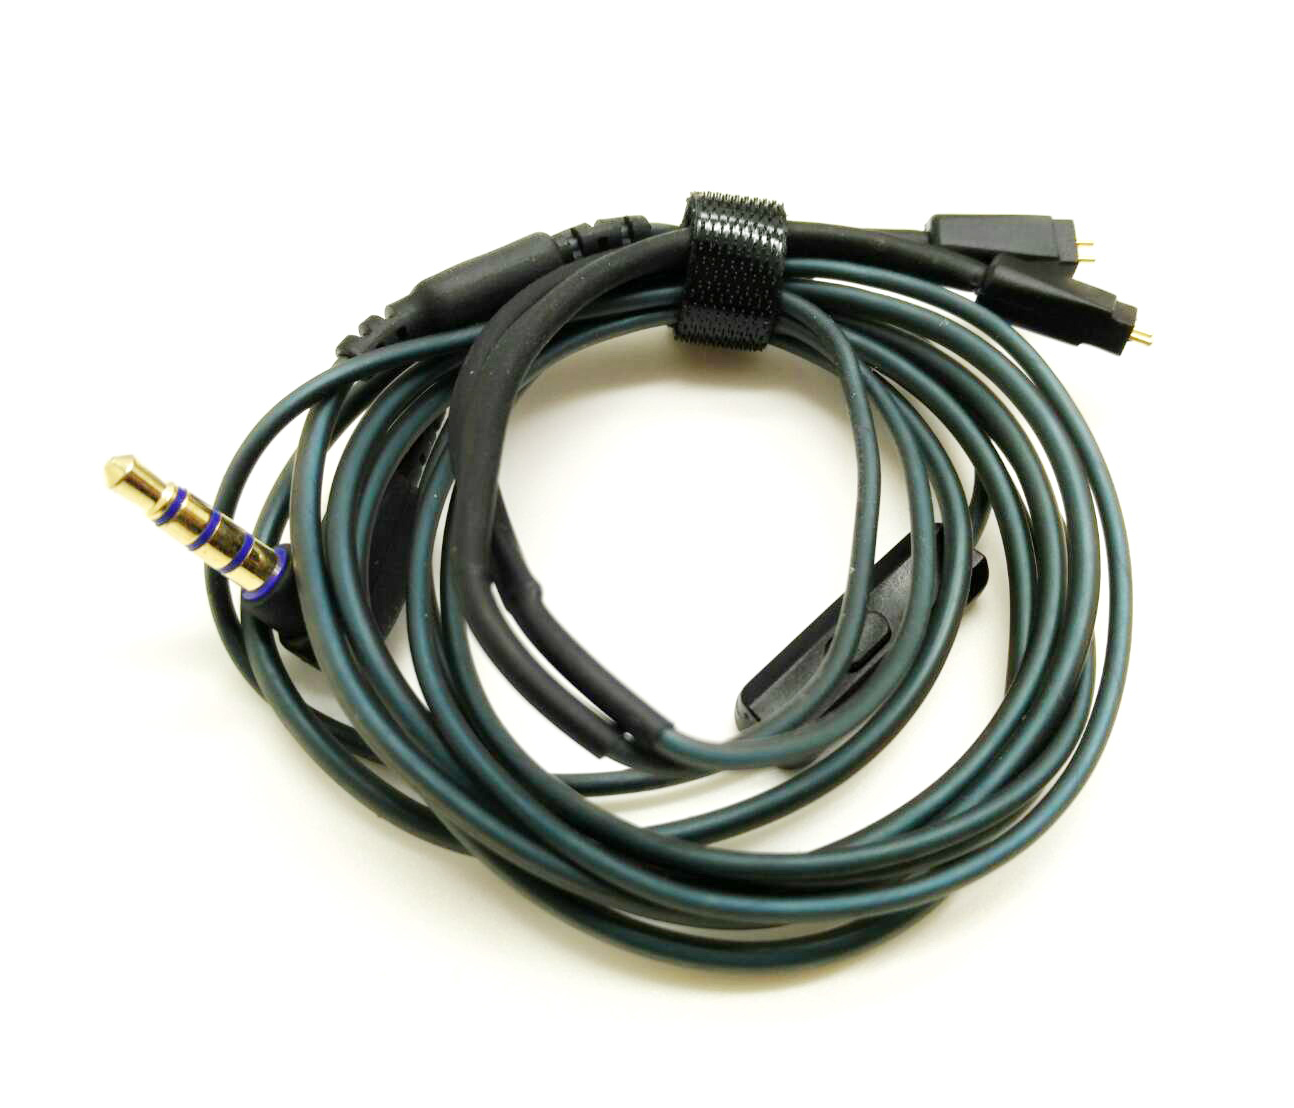 ขาย X-tips สายเปลี่ยนหูฟังสำหรับ KZ ZS3 , KZ ZS5 (ไม่สามารถใช้ร่วมกับ ZSTได้)